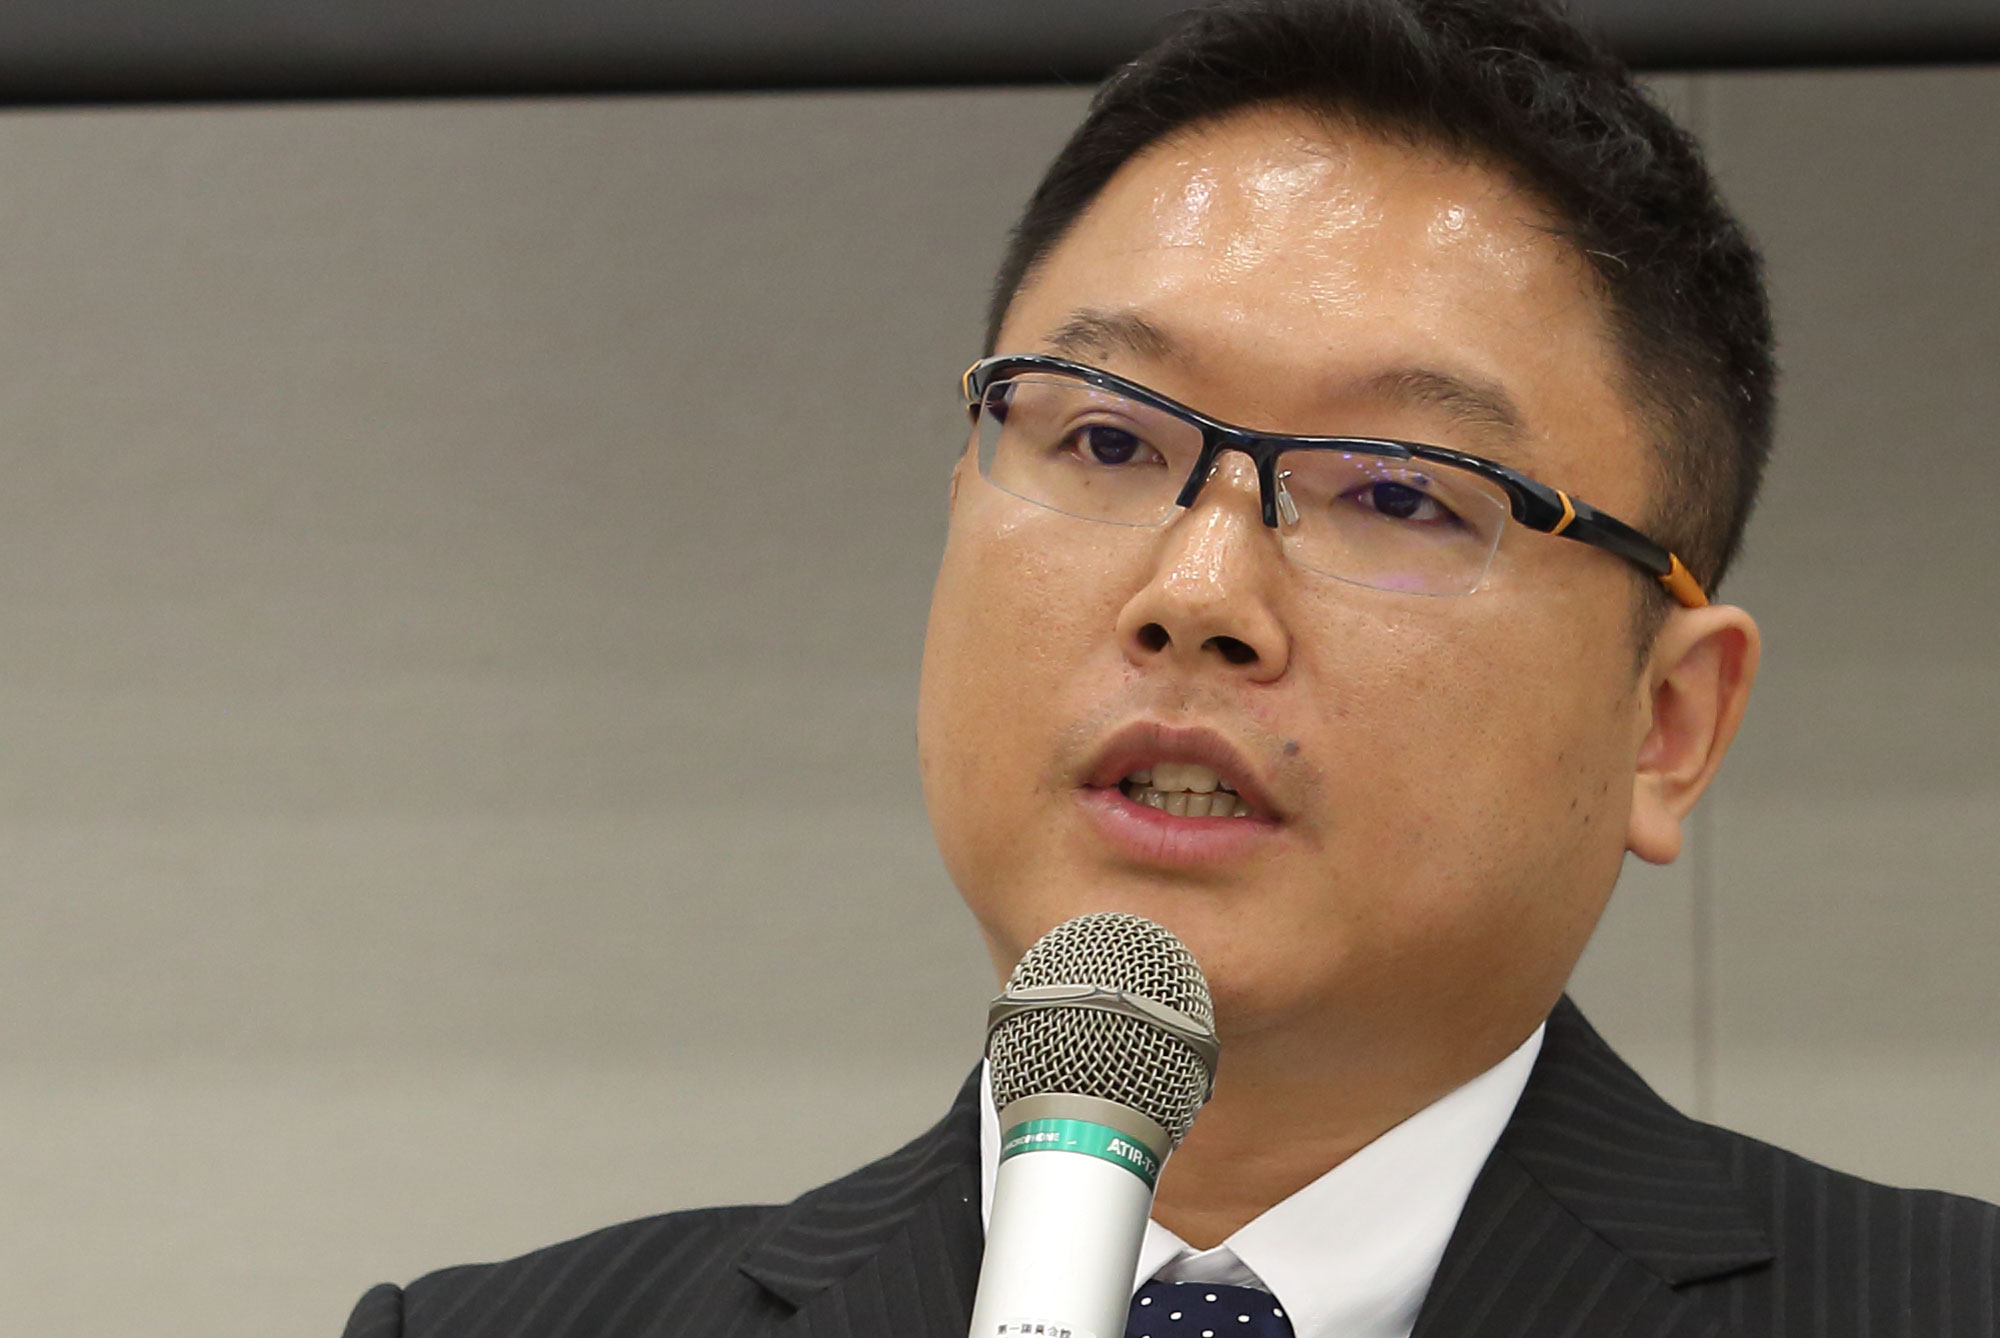 第16回「日本の医療と医薬品等の未来を考える会」開催リポート